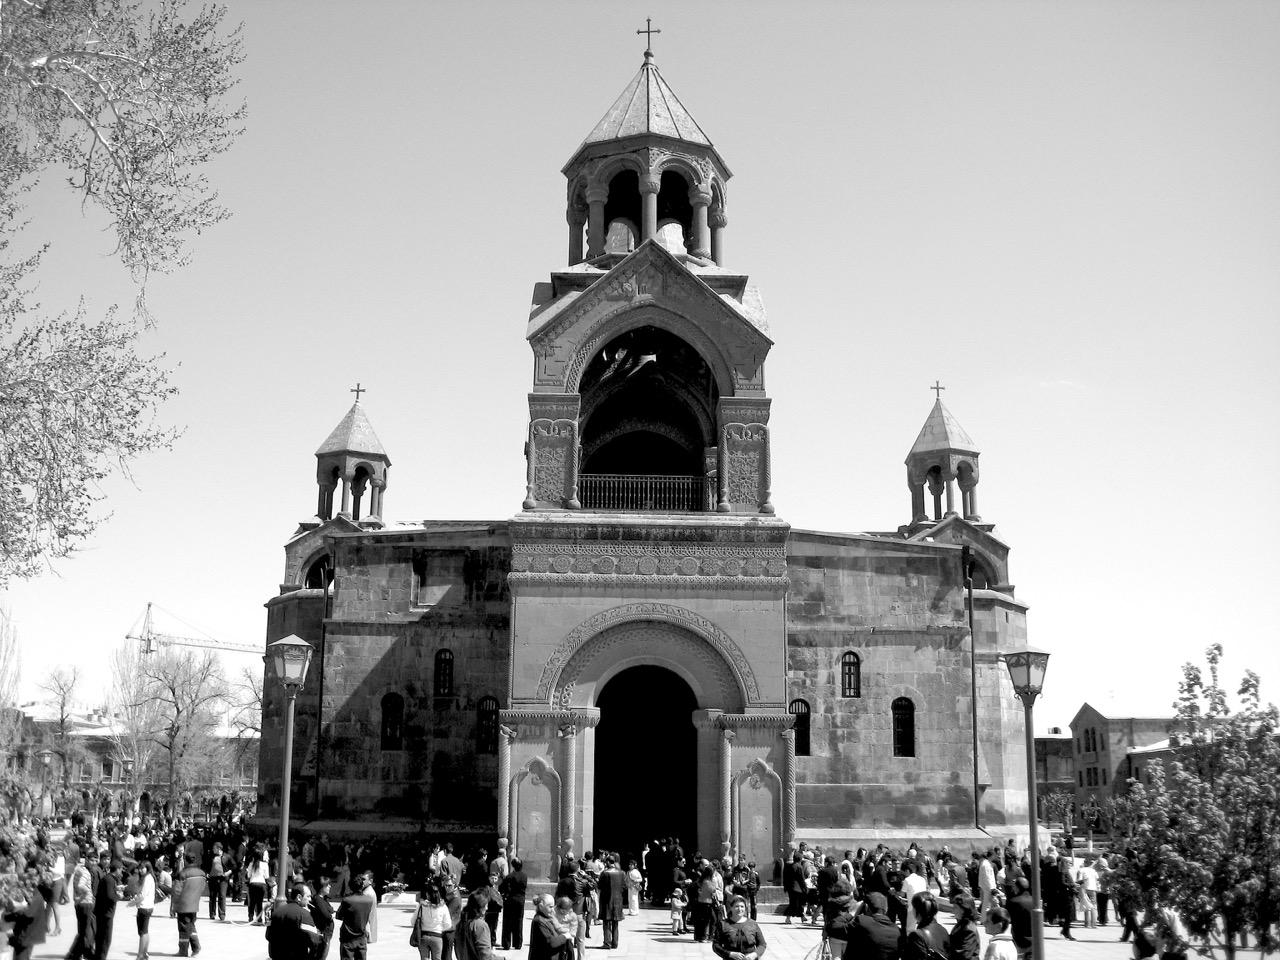 Foto: Etschmiadsin. Aus: Eriwan. Kapitel 6 Aufzeichnungen aus Armenien von Marc Degens.